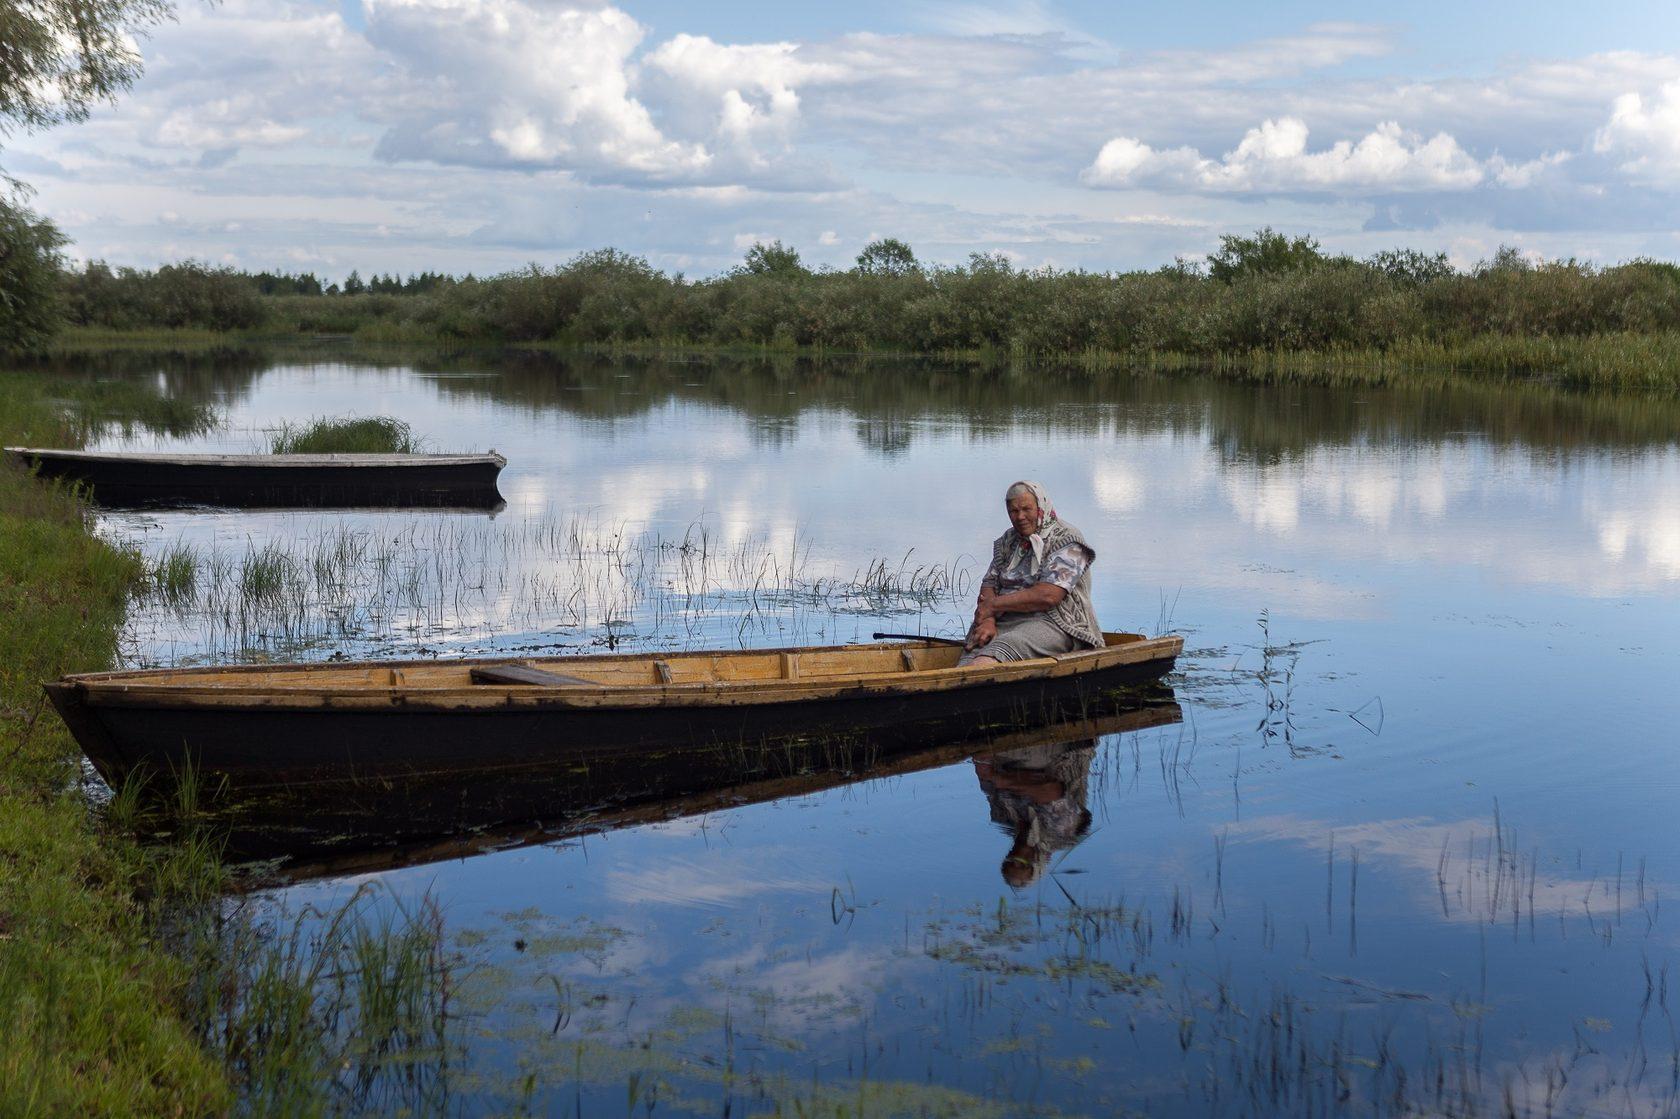 Катерина Панченя и сейчас бы посидела в лодке с удочкой — но боится штрафов / Андрей Ленкевич